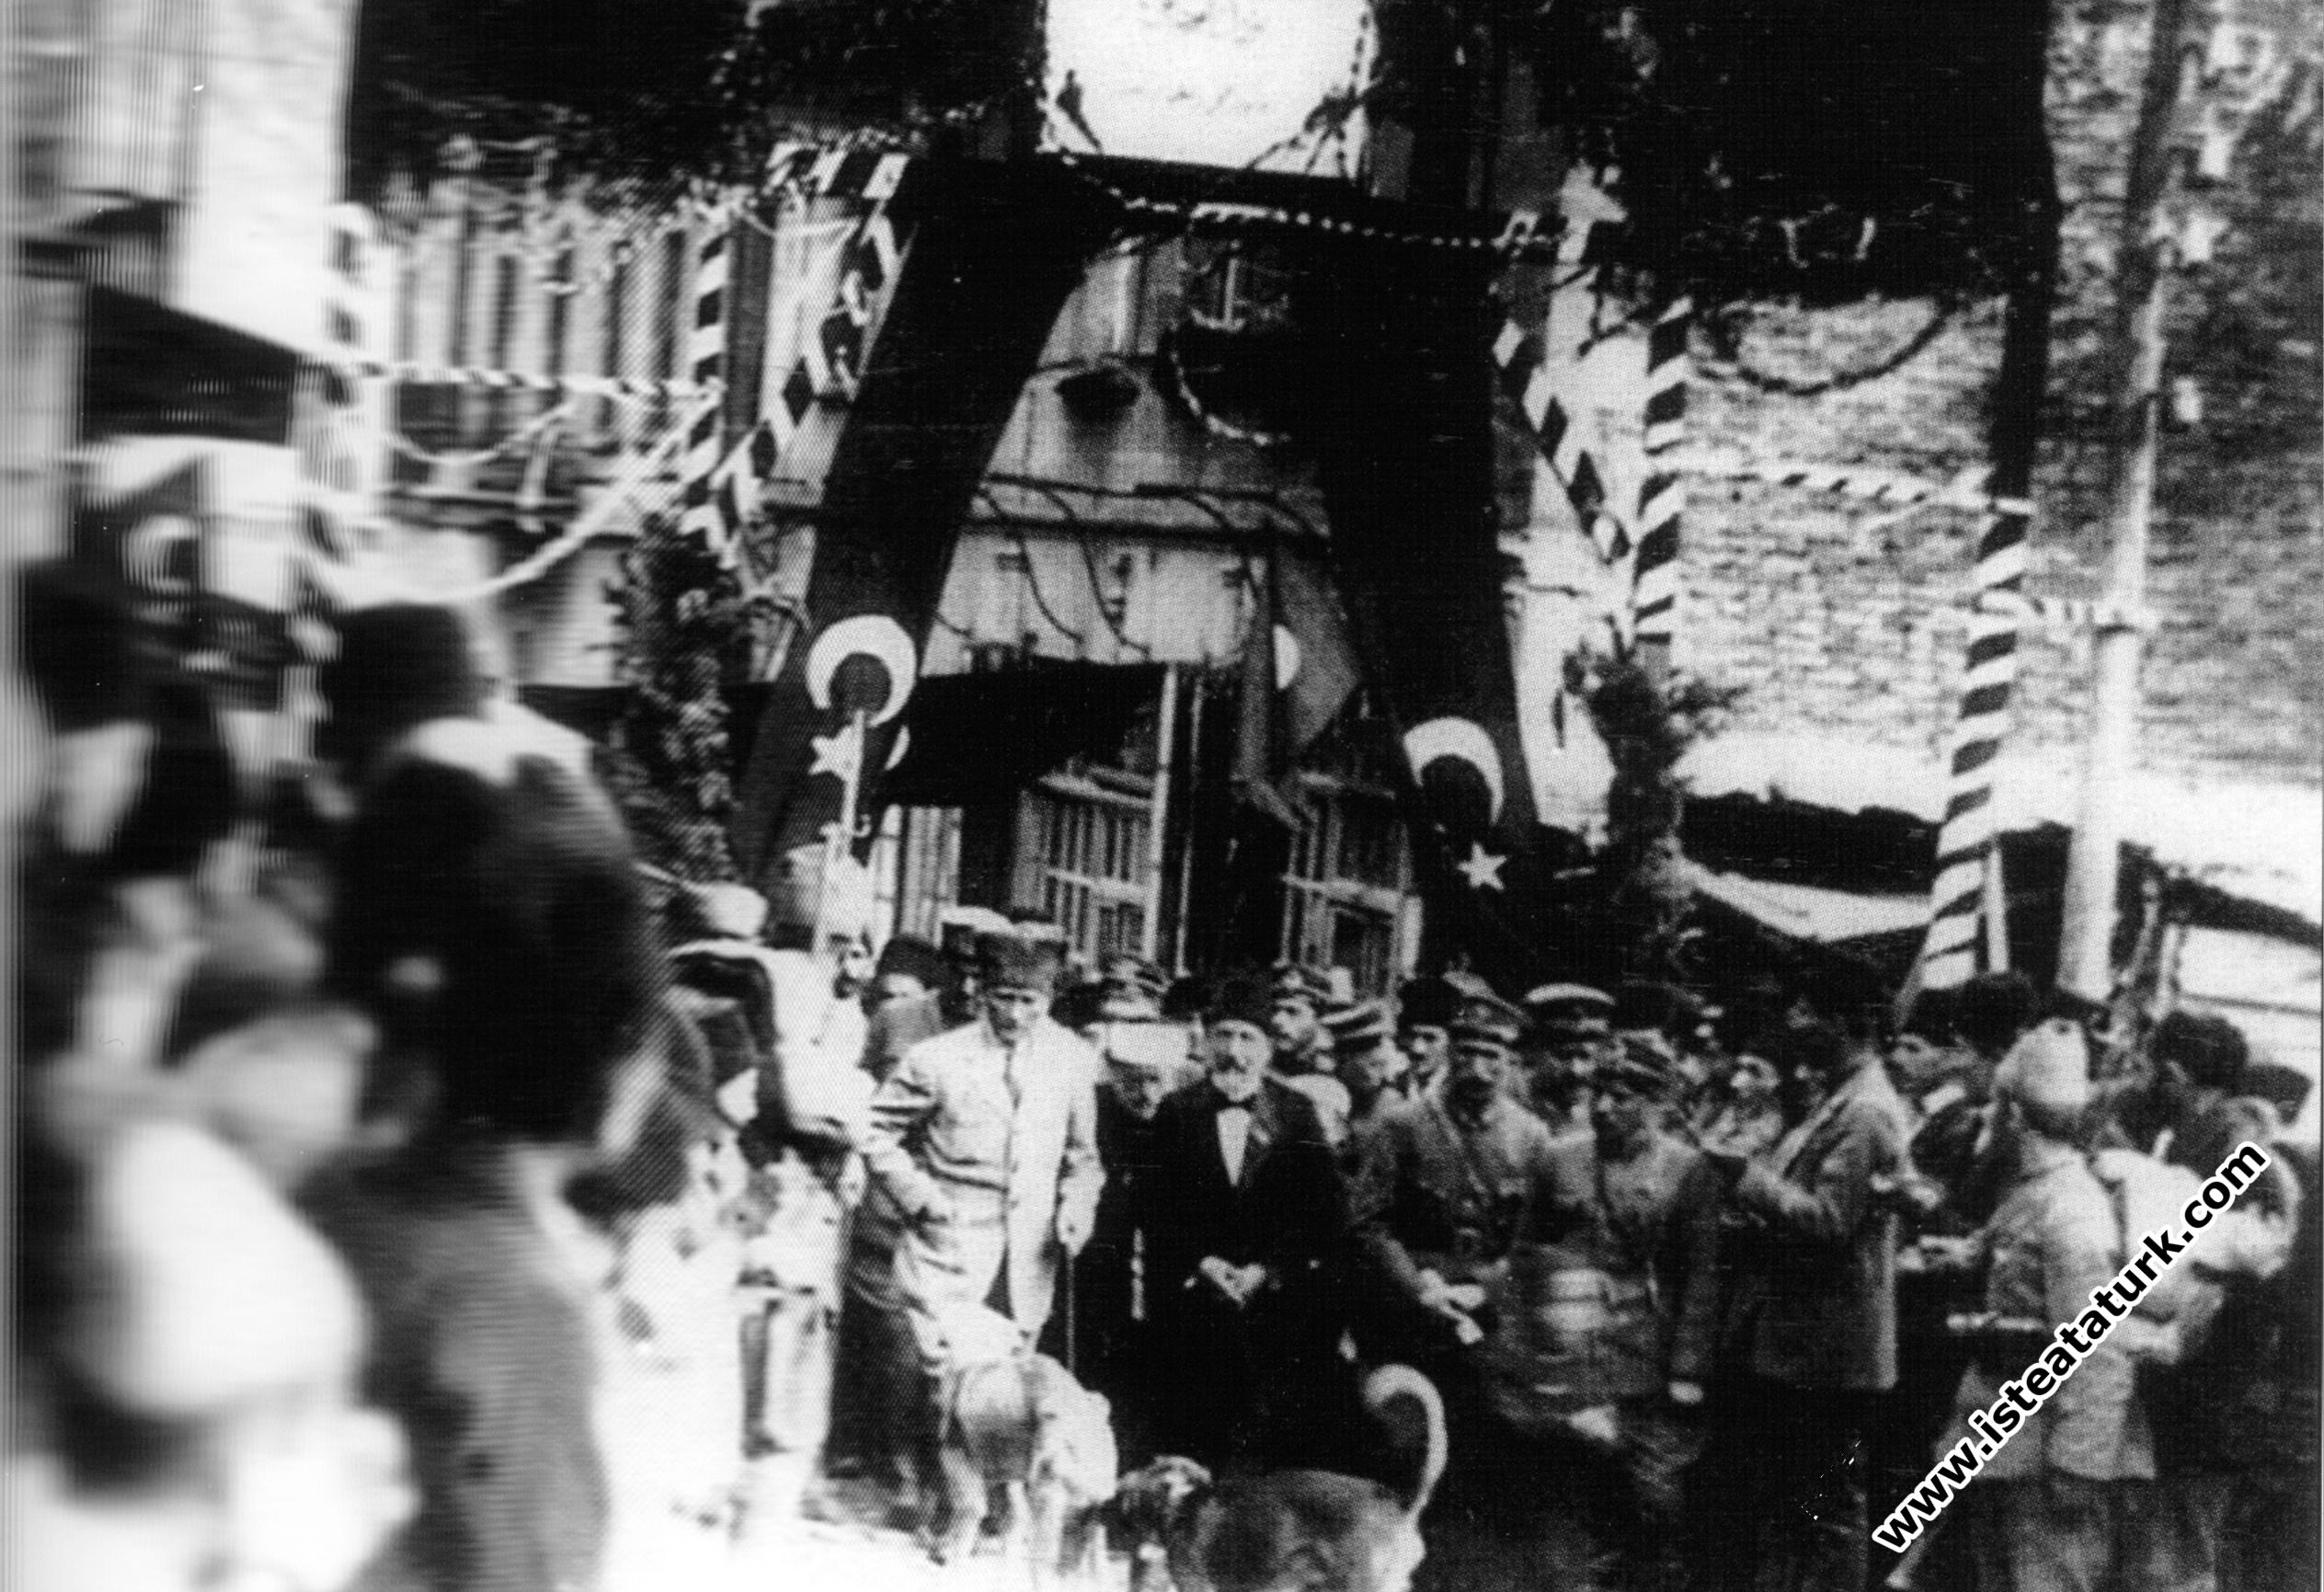 Şebinkarahisar - Gazi Mustafa Kemal Paşa'nın Şebinkarahisar Ziyaretleri